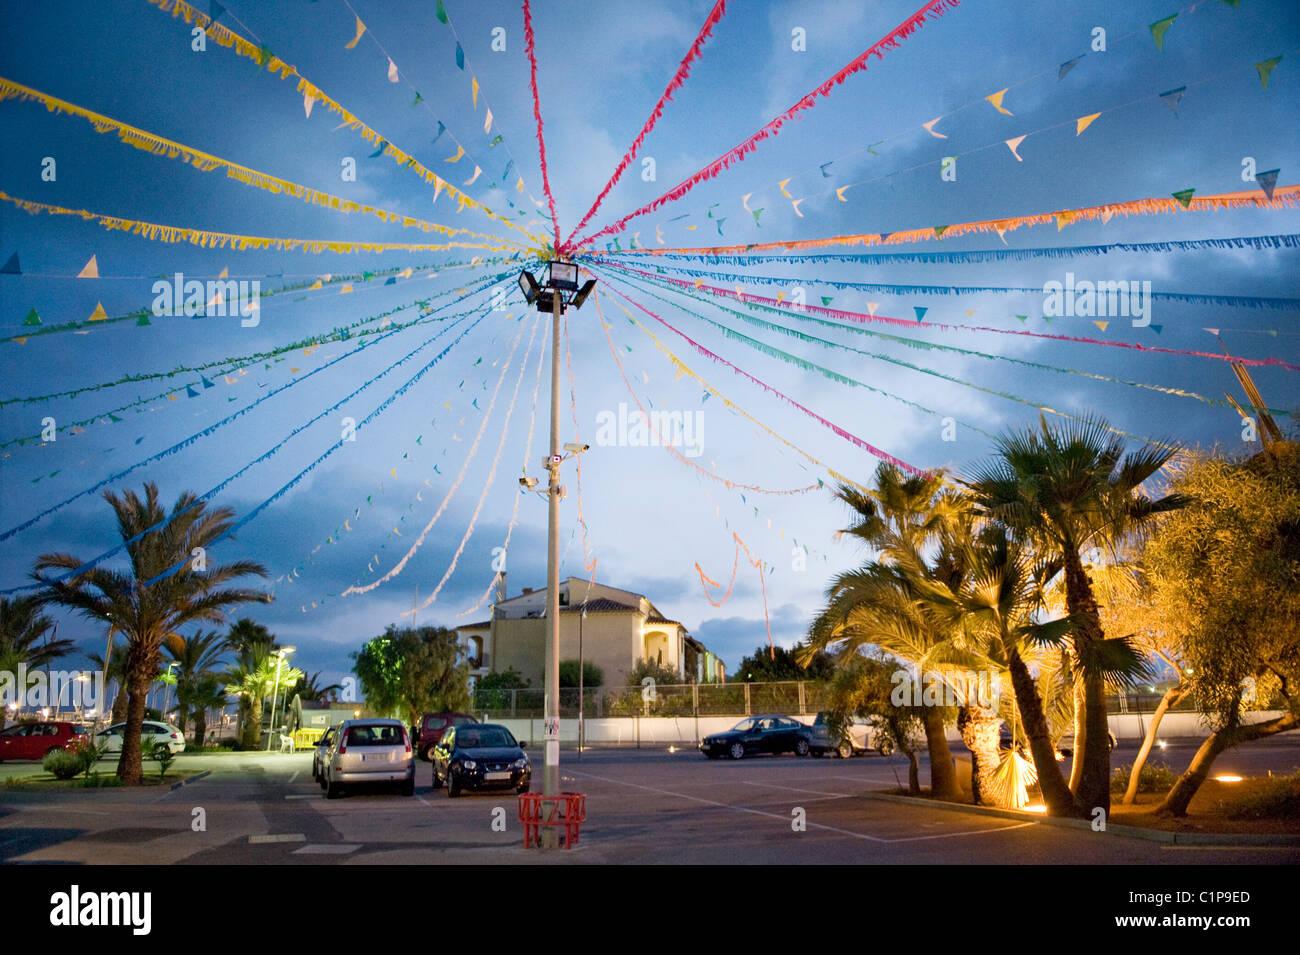 Decorado street durante el anochecer Imagen De Stock